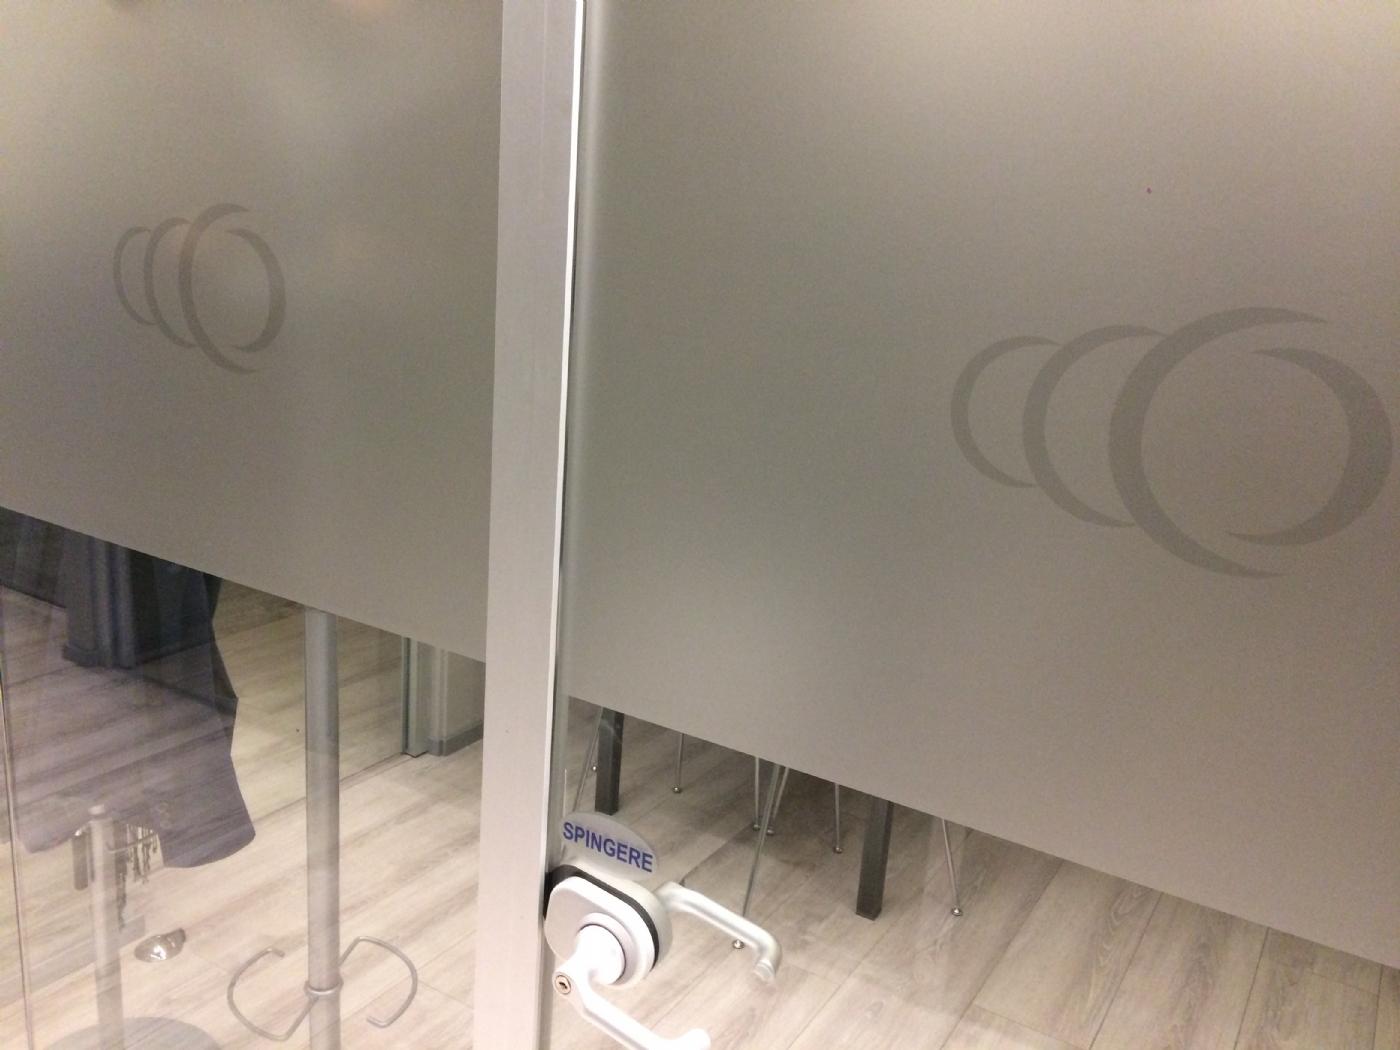 Pellicole adesive per vetri finestre pellicola adesiva per vetri buddha il saggio la saggezza - Vetri a specchio per finestre ...